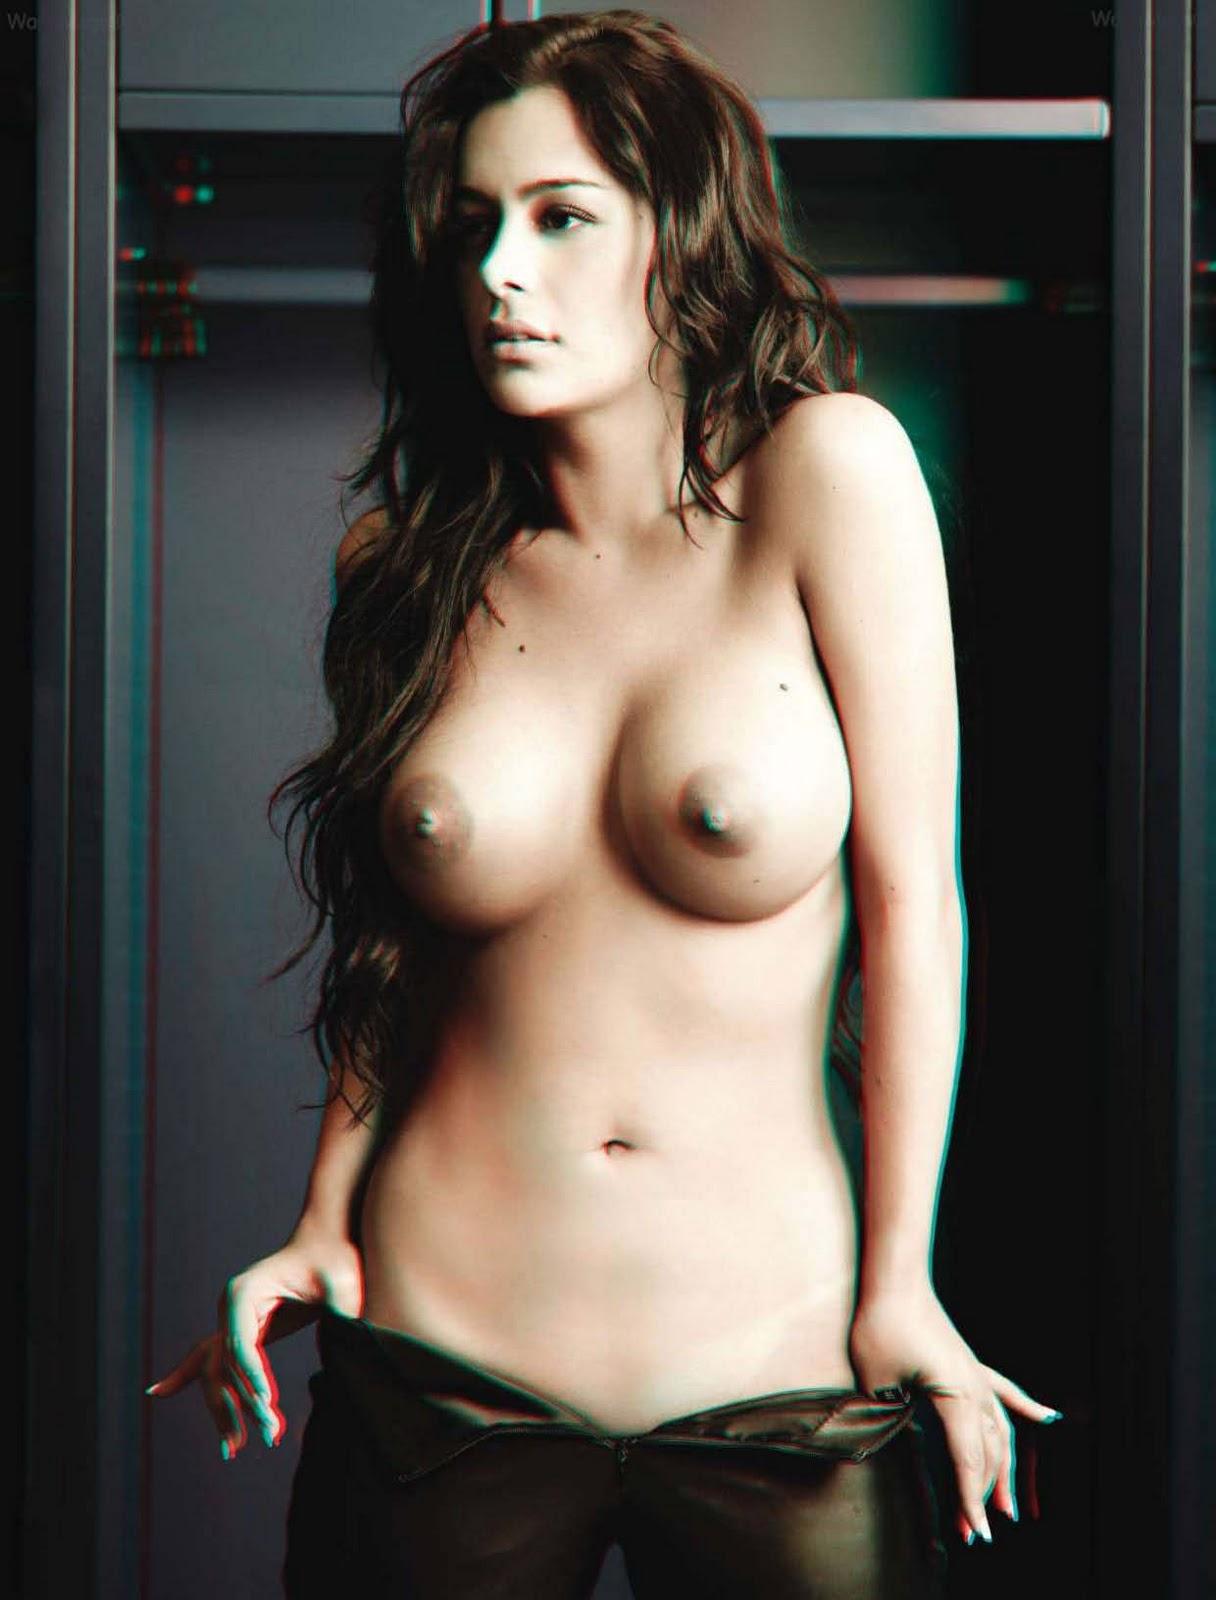 Larissa-Riquelme-Playboy-12.jpg